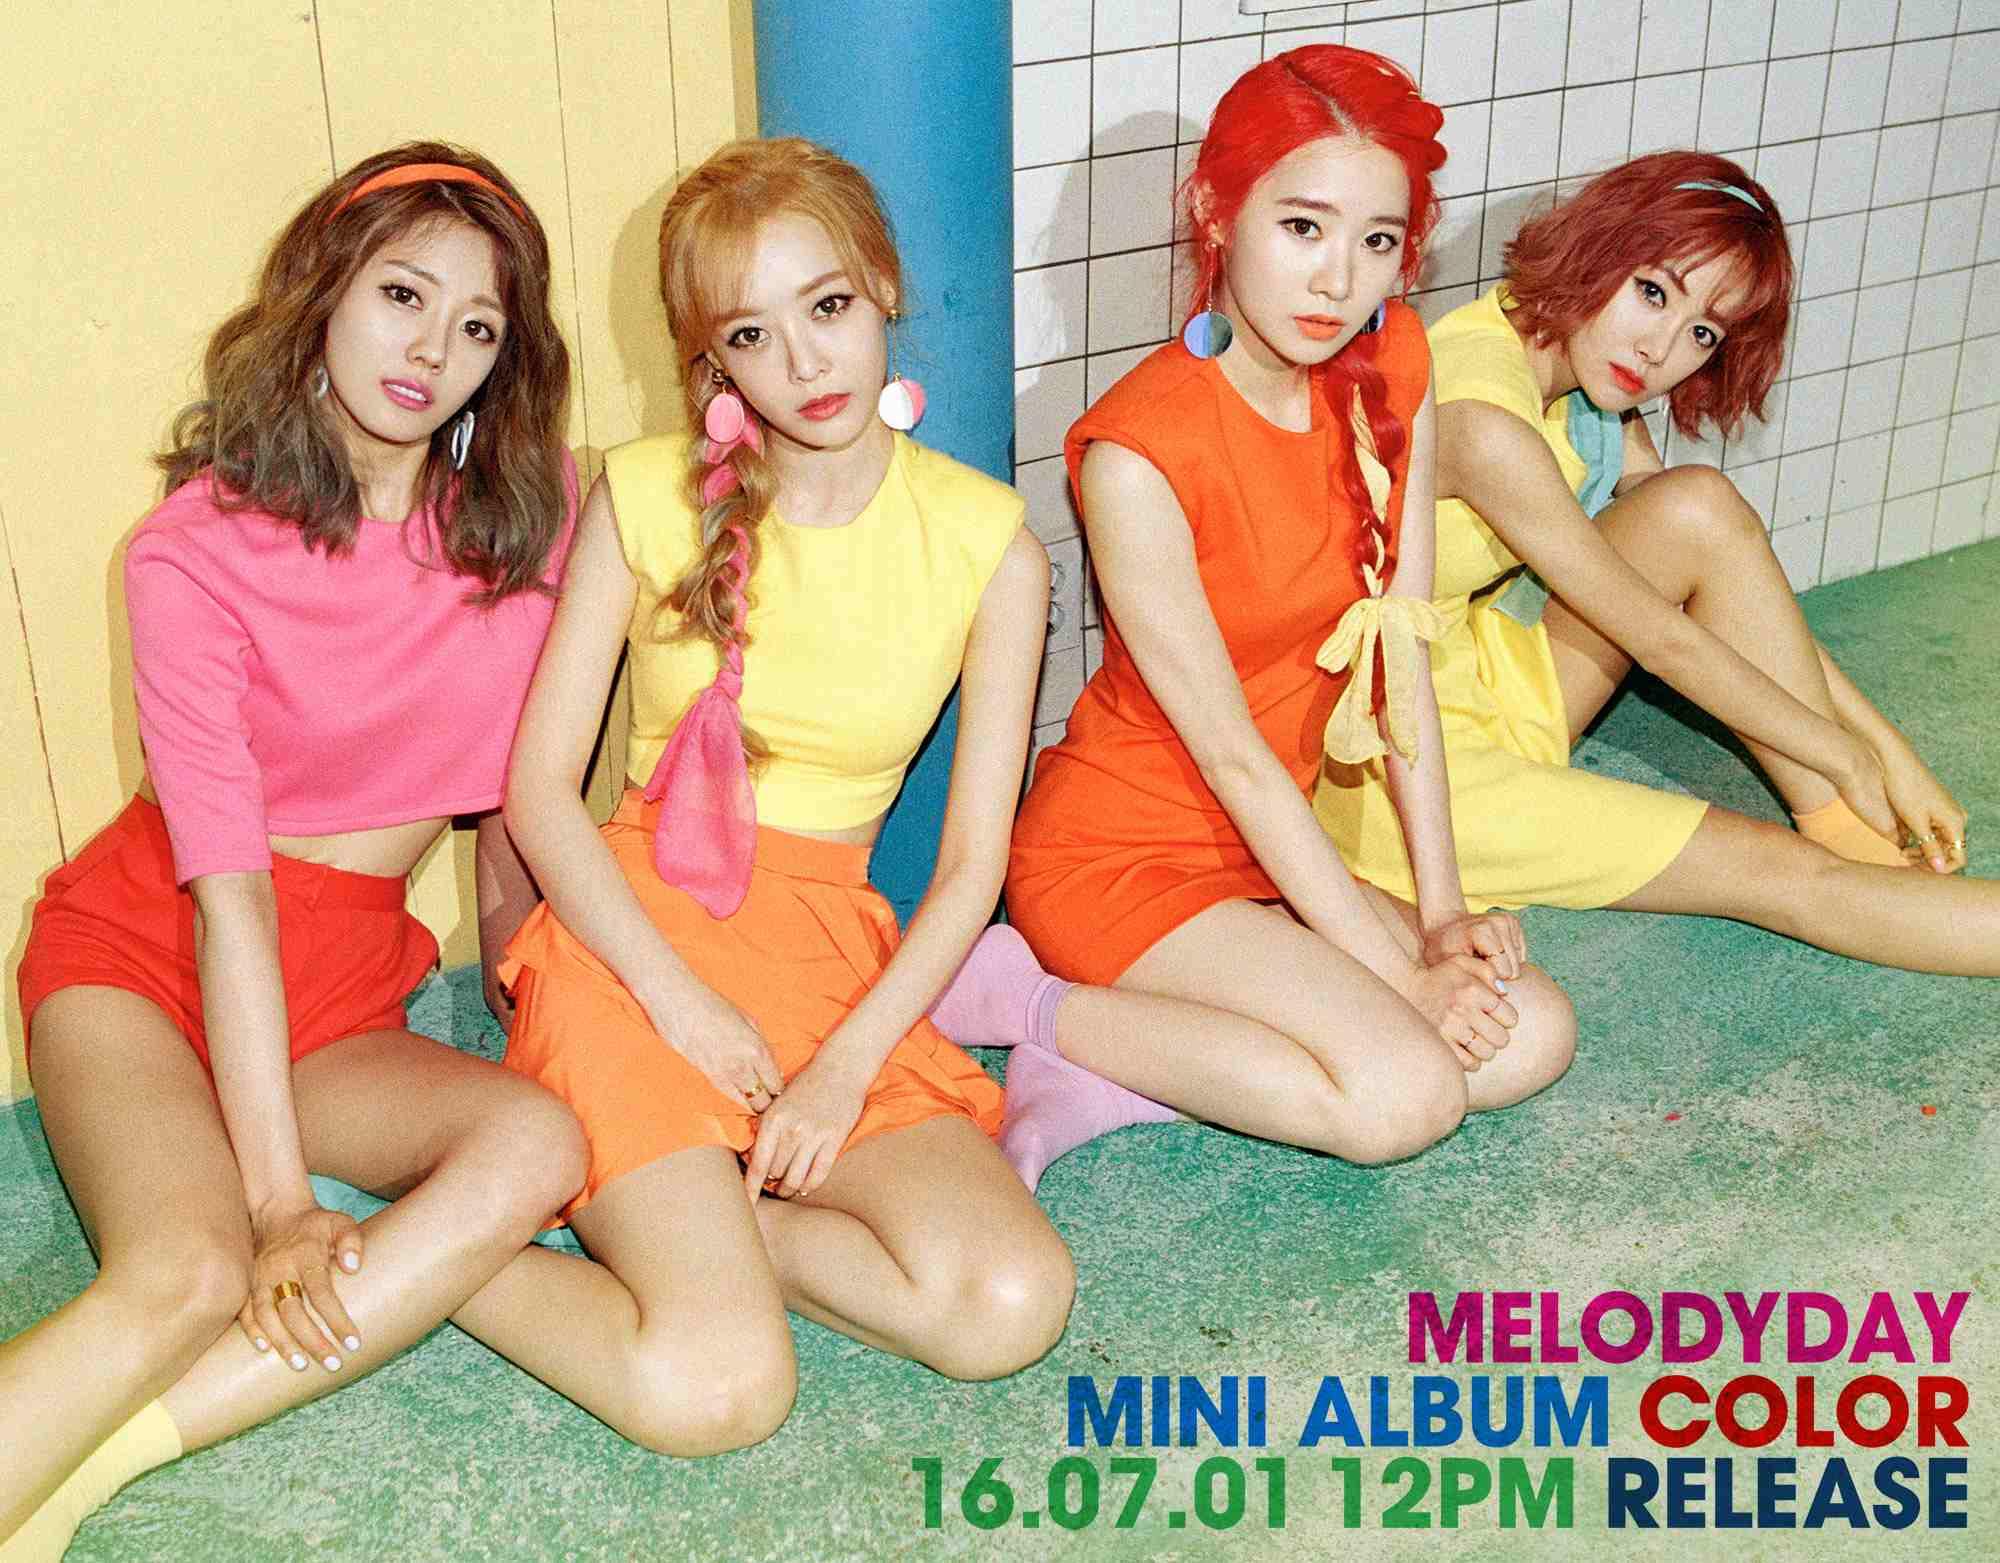 然而Melody Day這次改頭換面(?)換成比較符合他們年紀的繽紛色彩路線,即將在7月1日發行新專輯啦(撒花)